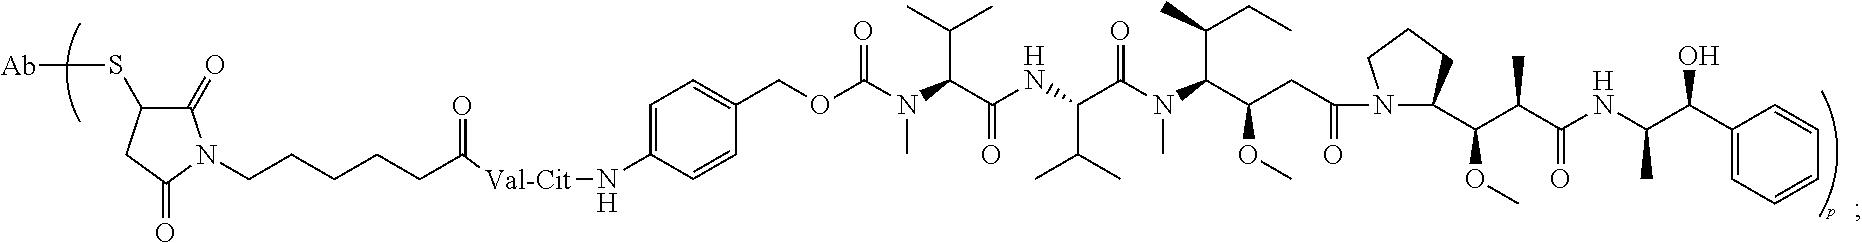 Figure US10059768-20180828-C00017